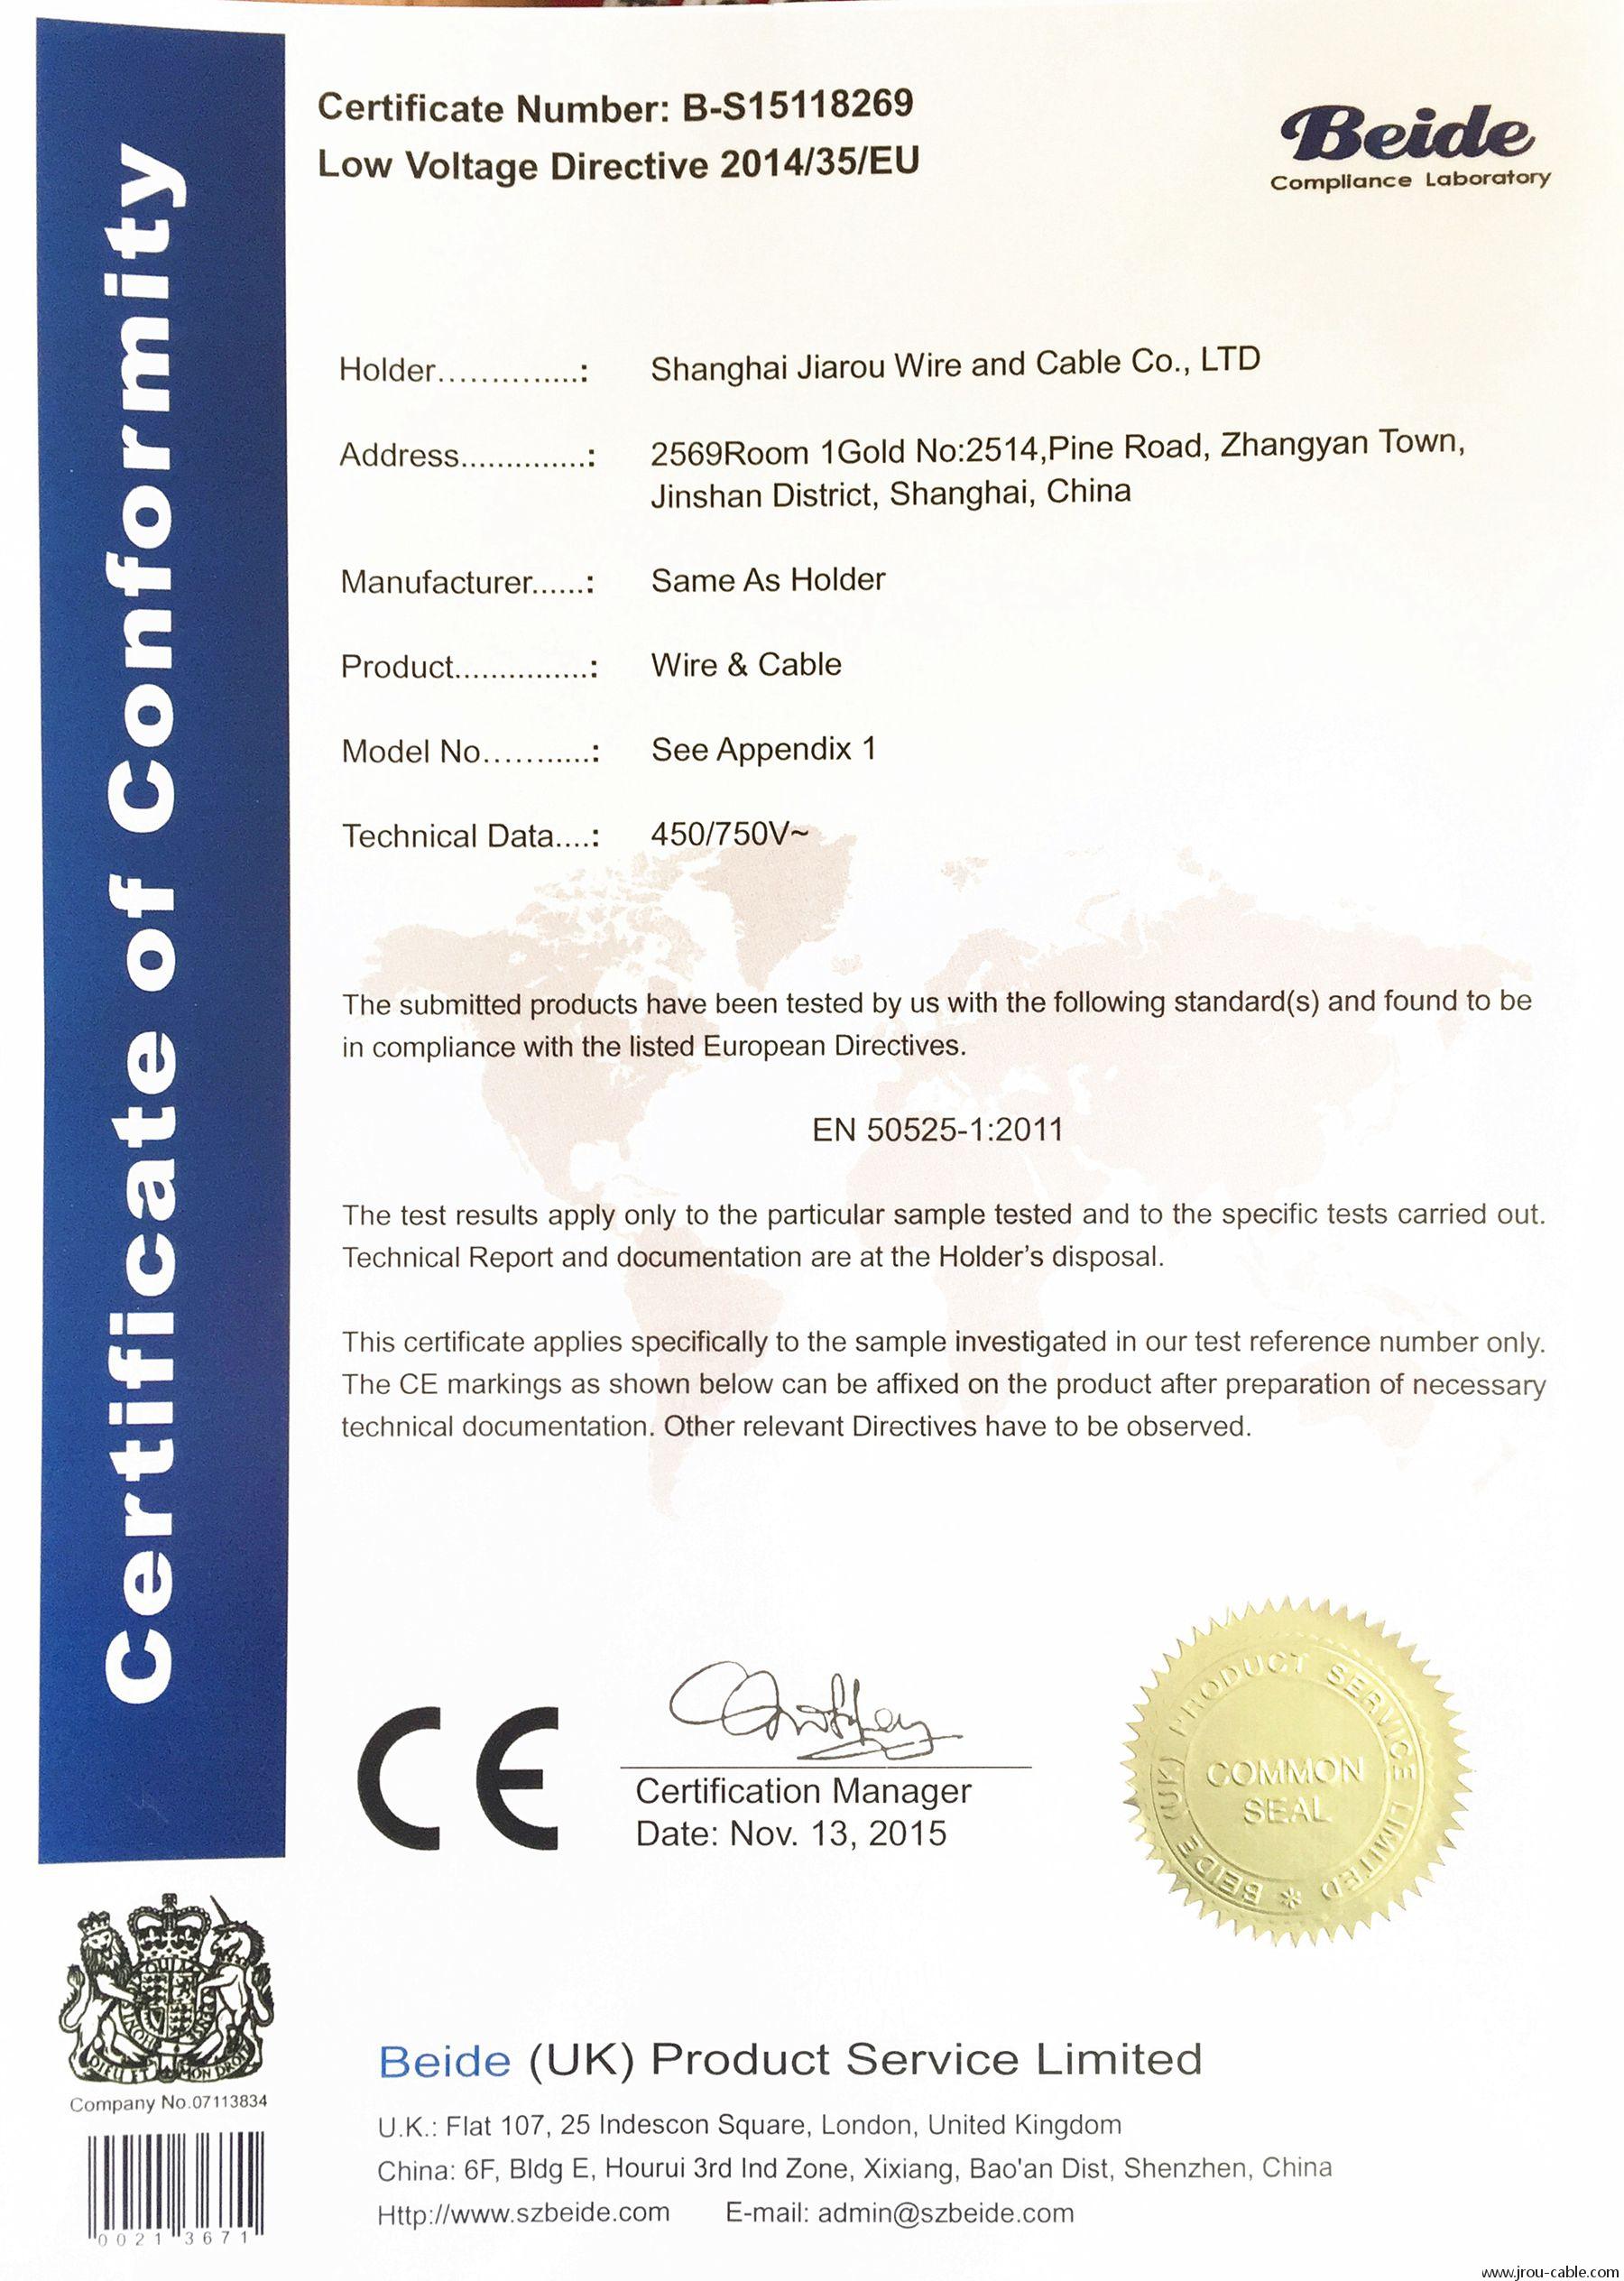 欧盟<strong>CE</strong>证书<a></a>